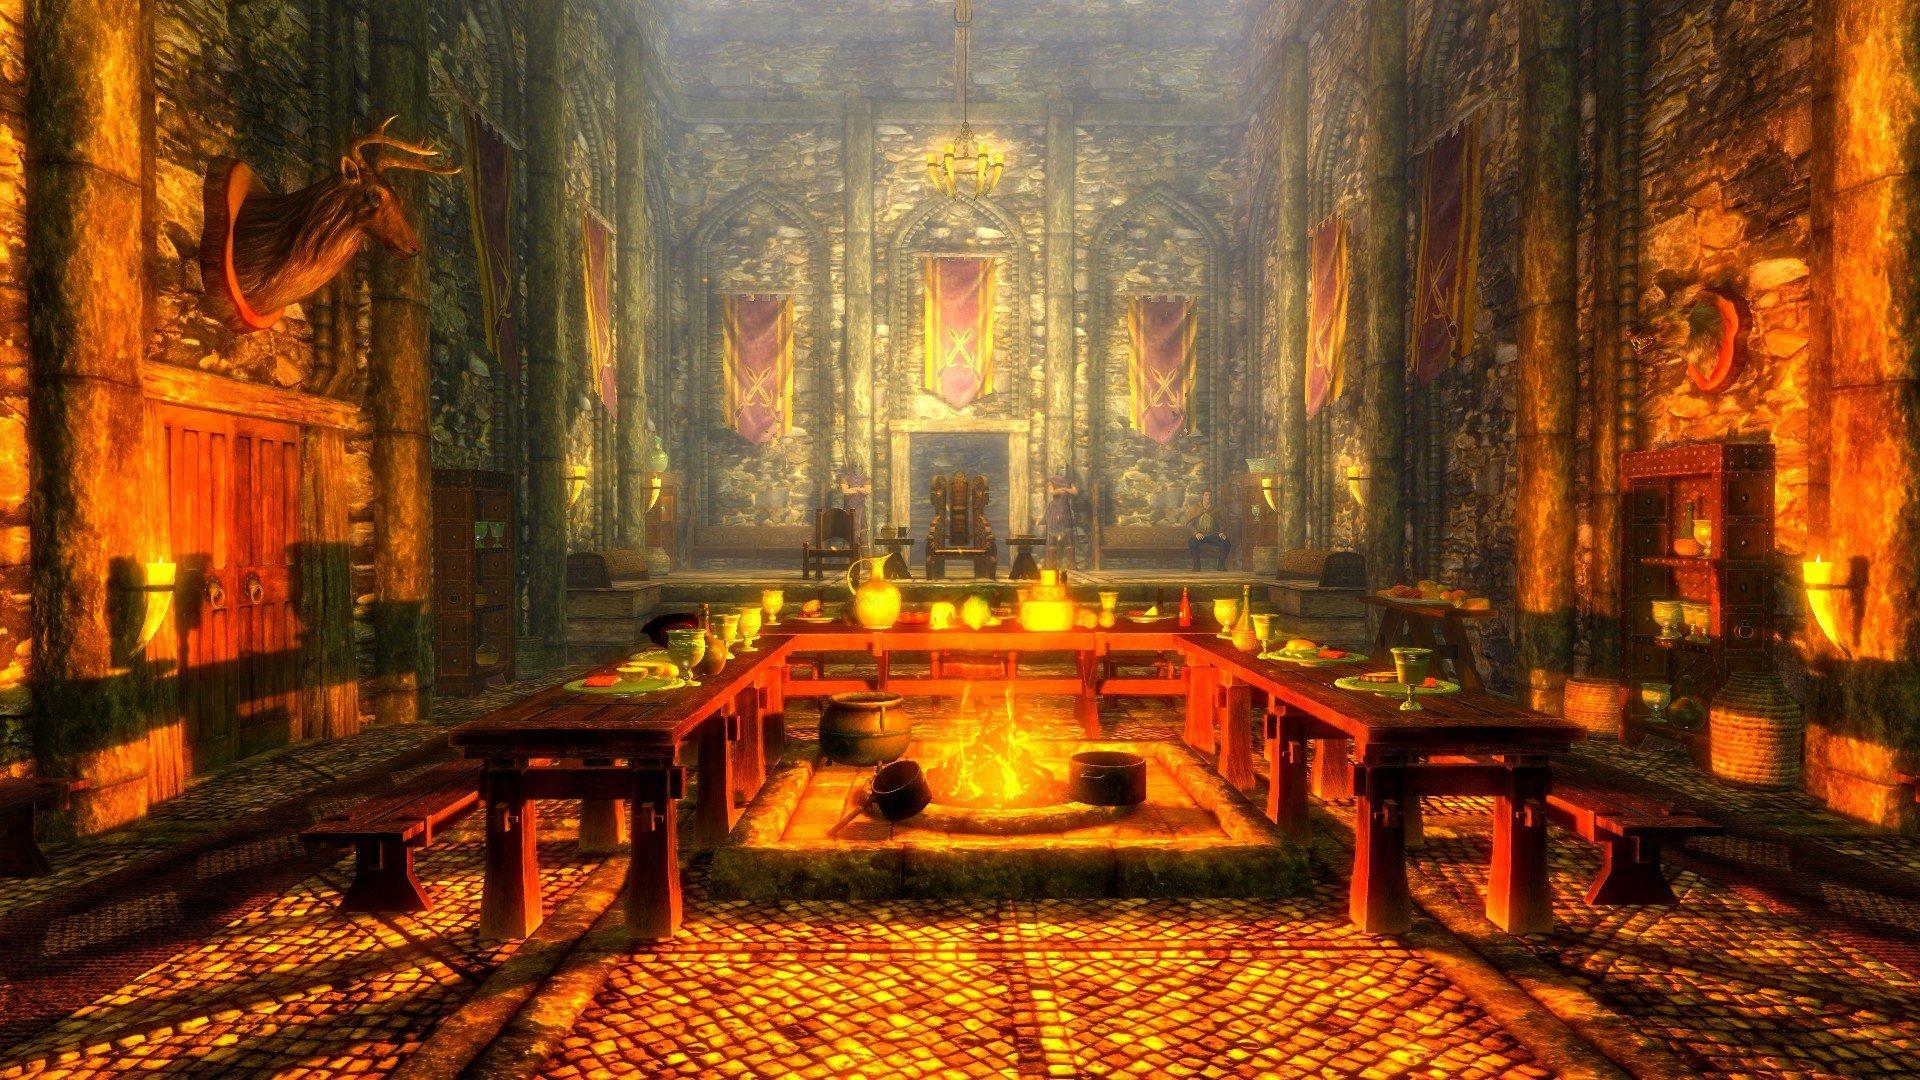 The Elder Scrolls V: Skyrim, Bethesda Softworks, Landscape, Tamriel, Video games Wallpaper